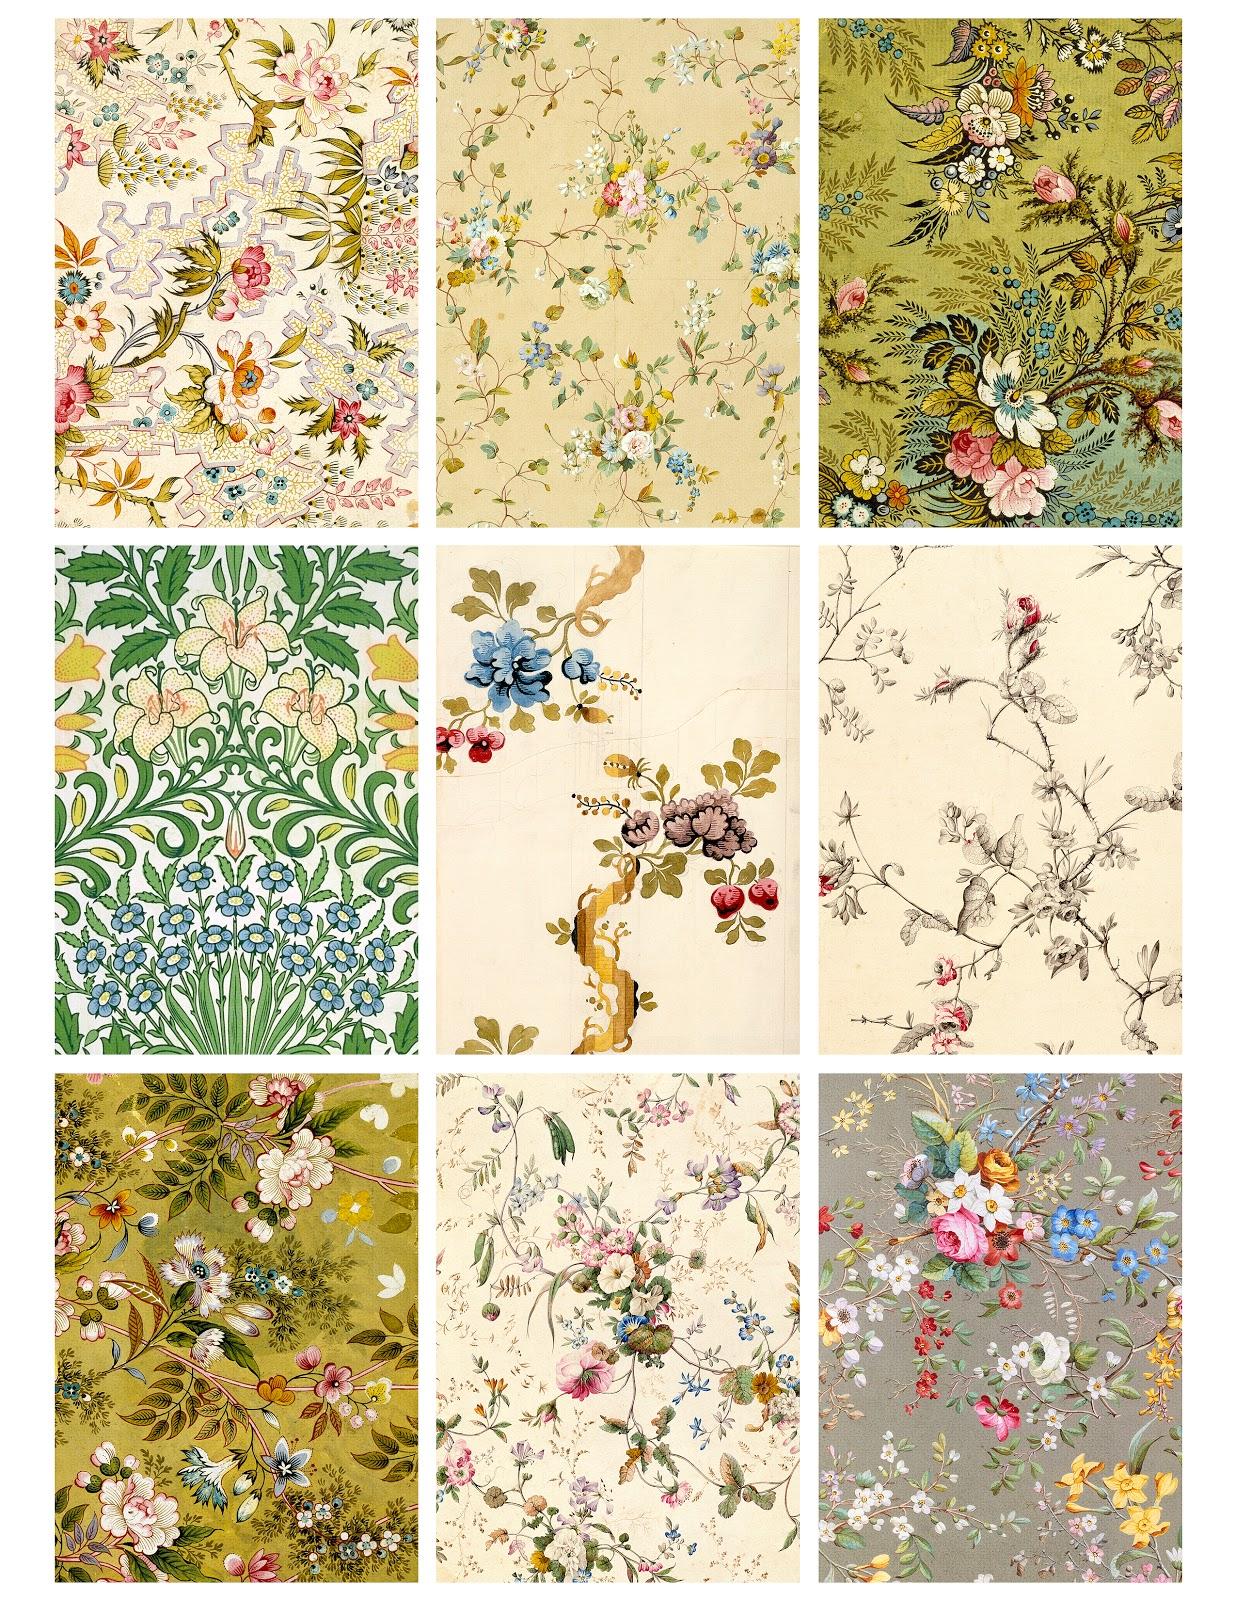 48 Printable Wallpaper Designs On Wallpapersafari